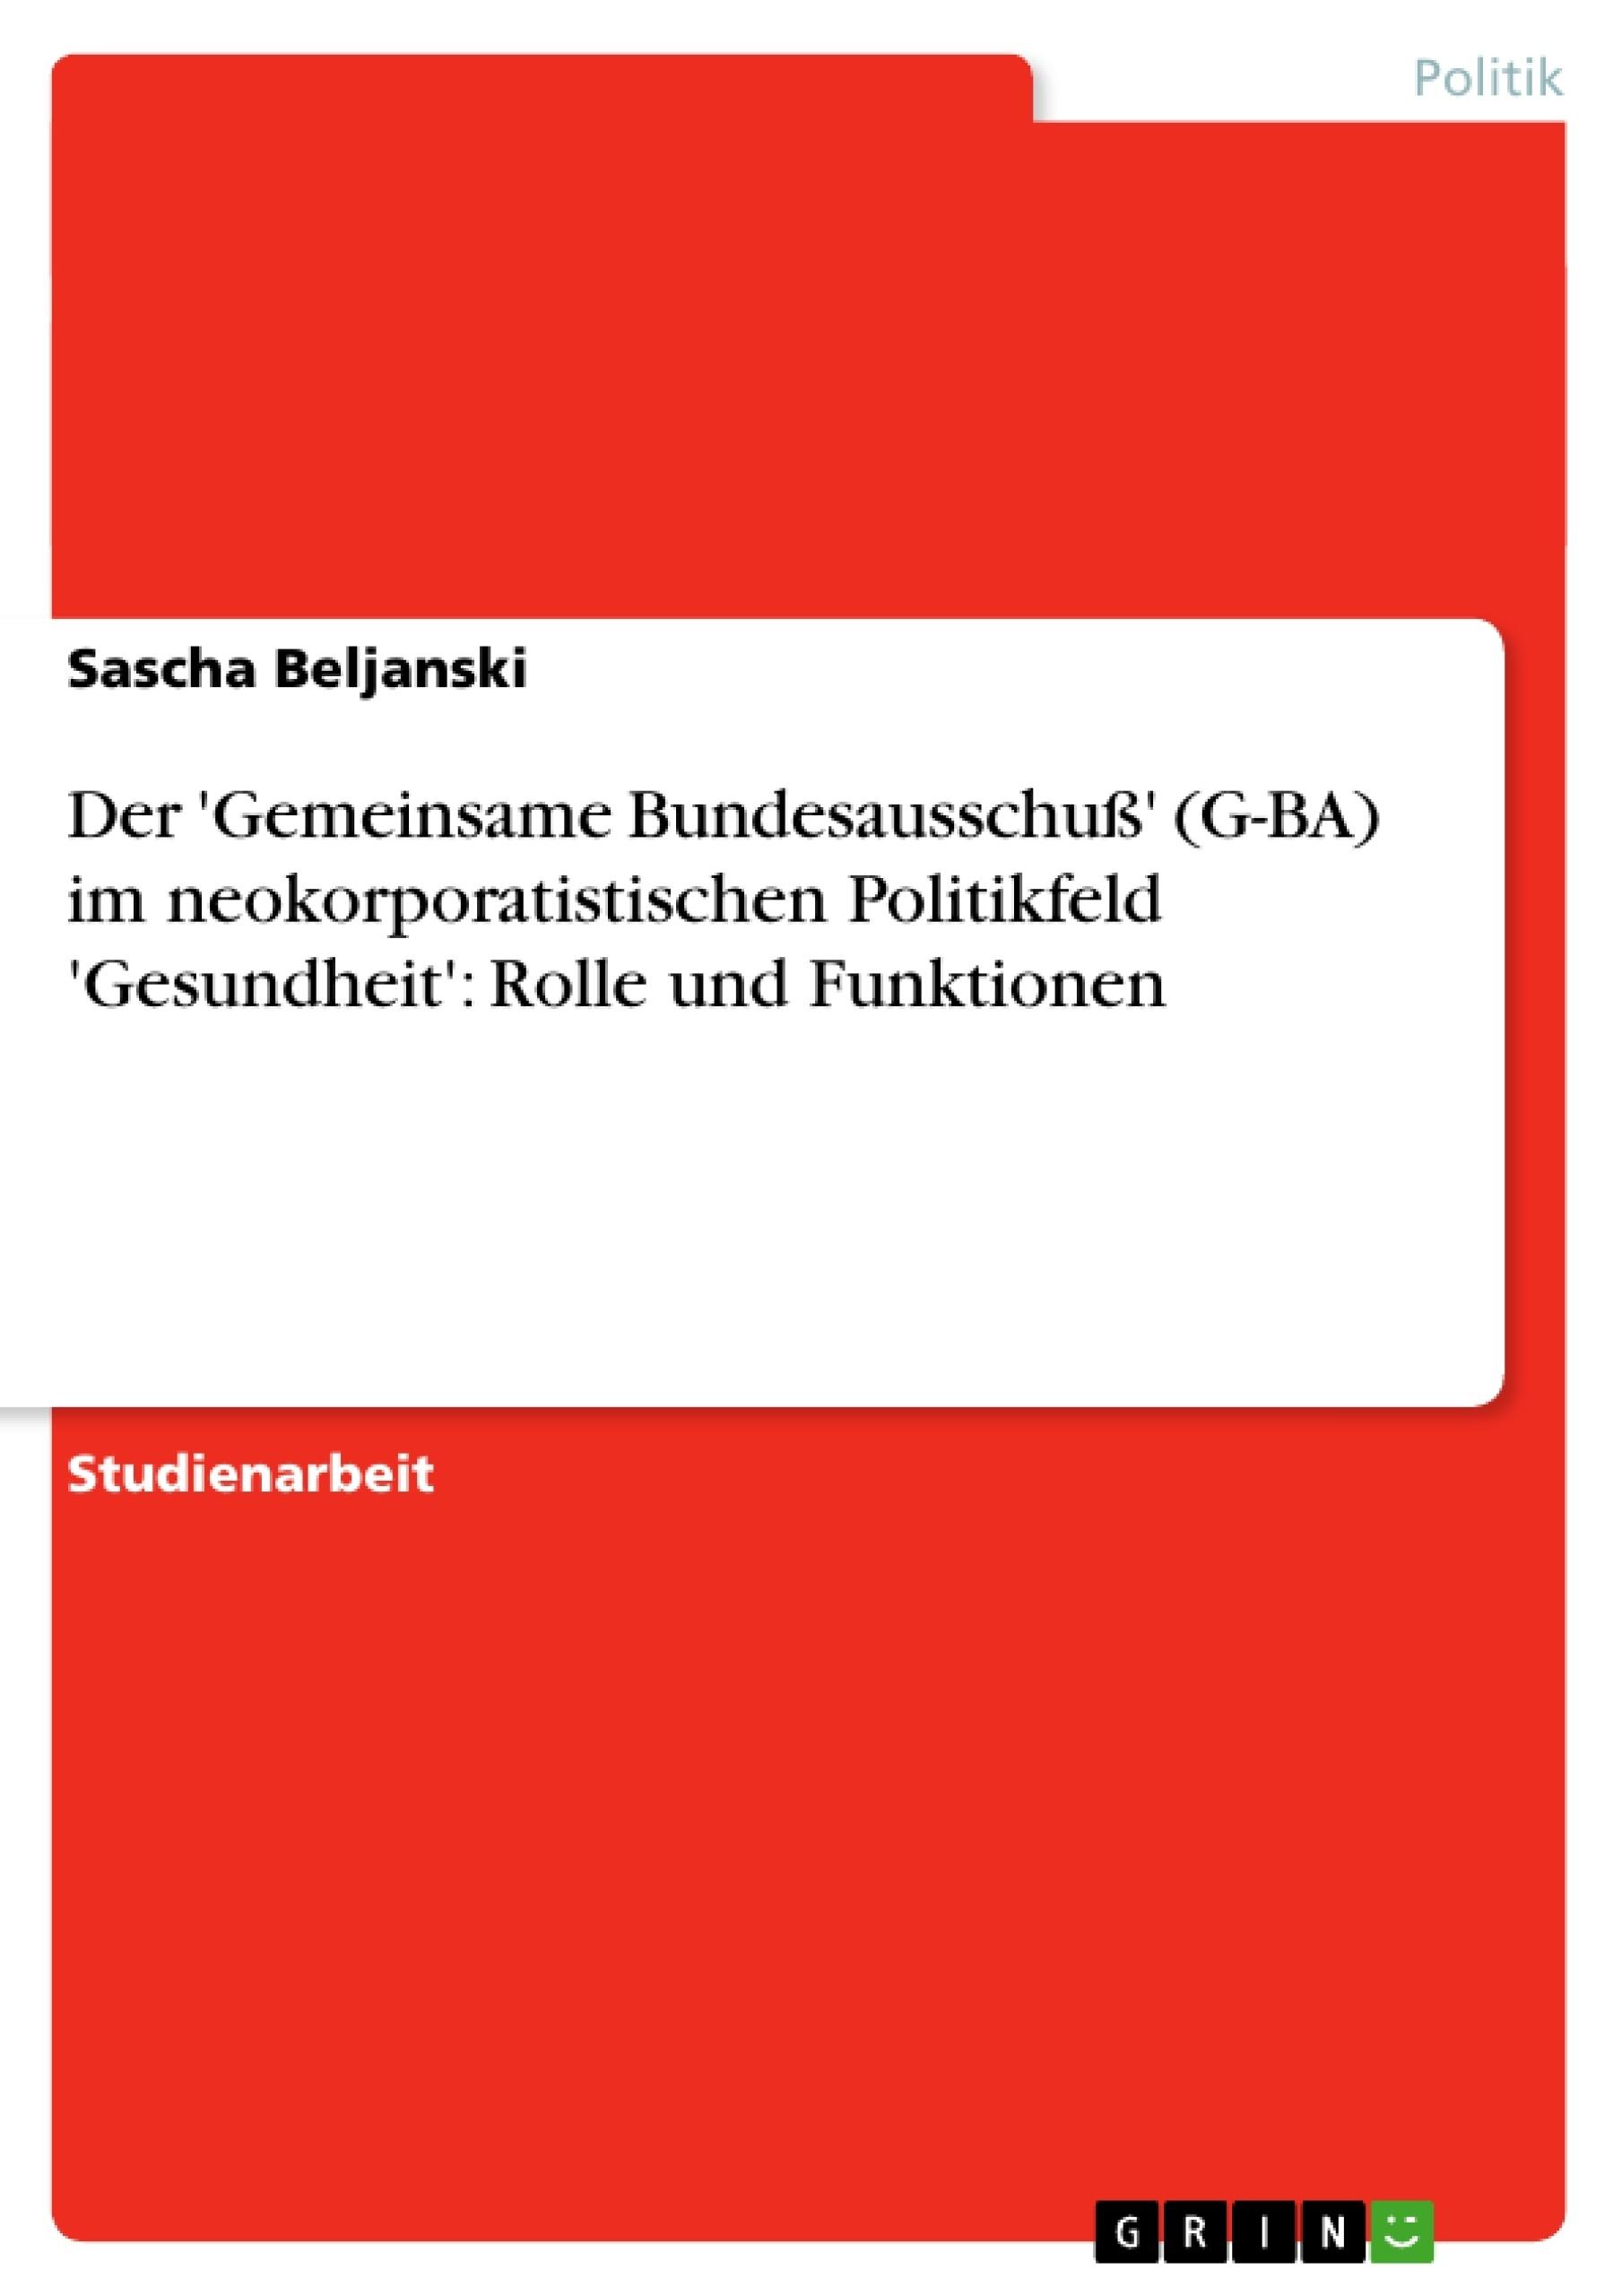 Titel: Der 'Gemeinsame Bundesausschuß' (G-BA) im neokorporatistischen Politikfeld 'Gesundheit': Rolle und Funktionen